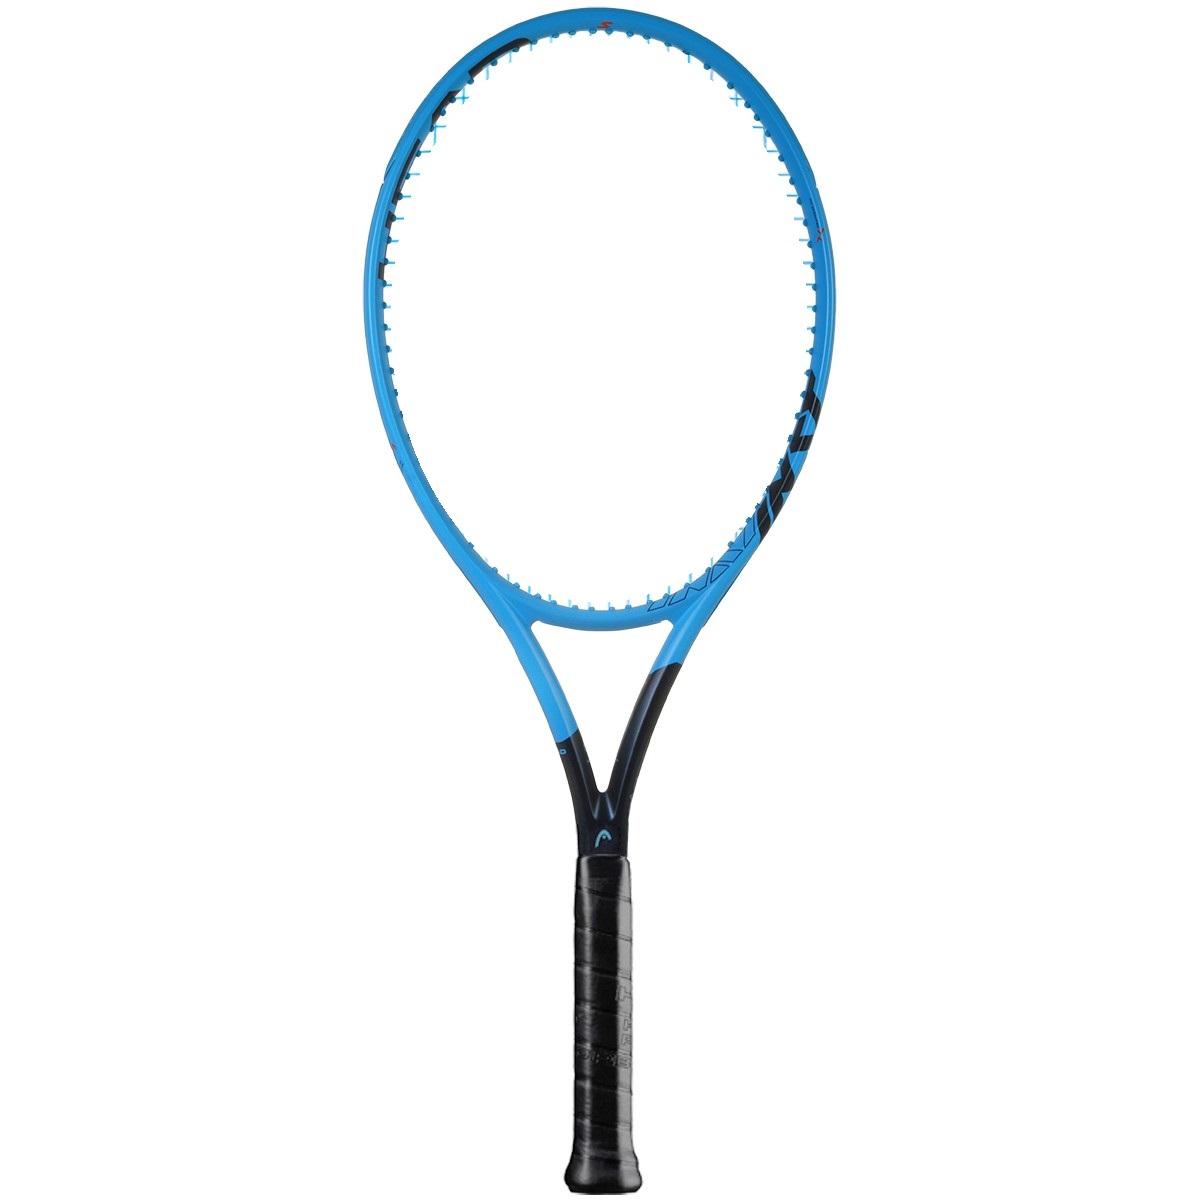 【2019モデル】ヘッド 360 インスティンクト S HEAD GRAPHENE 360 INSTINCT S (285 GR) RACQUET テニスラケット